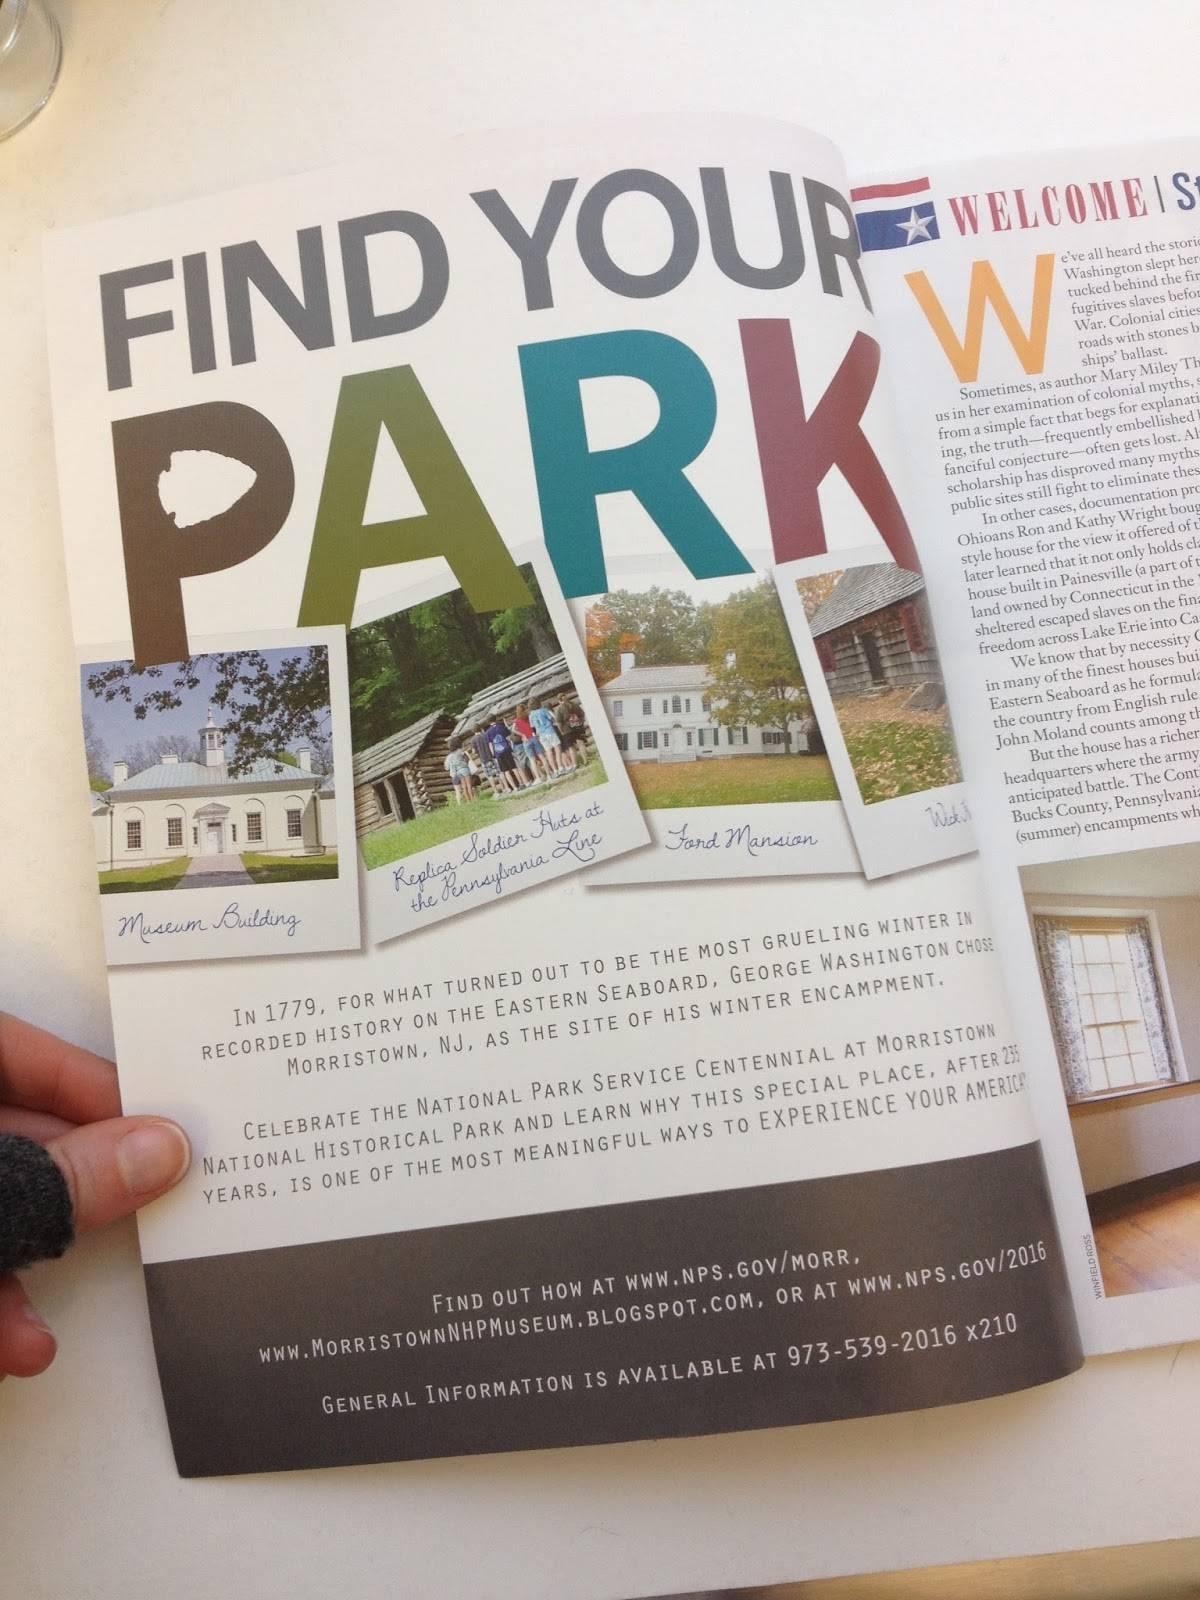 69b6f171c1e5b0e2ec7e_find_your_park.jpg